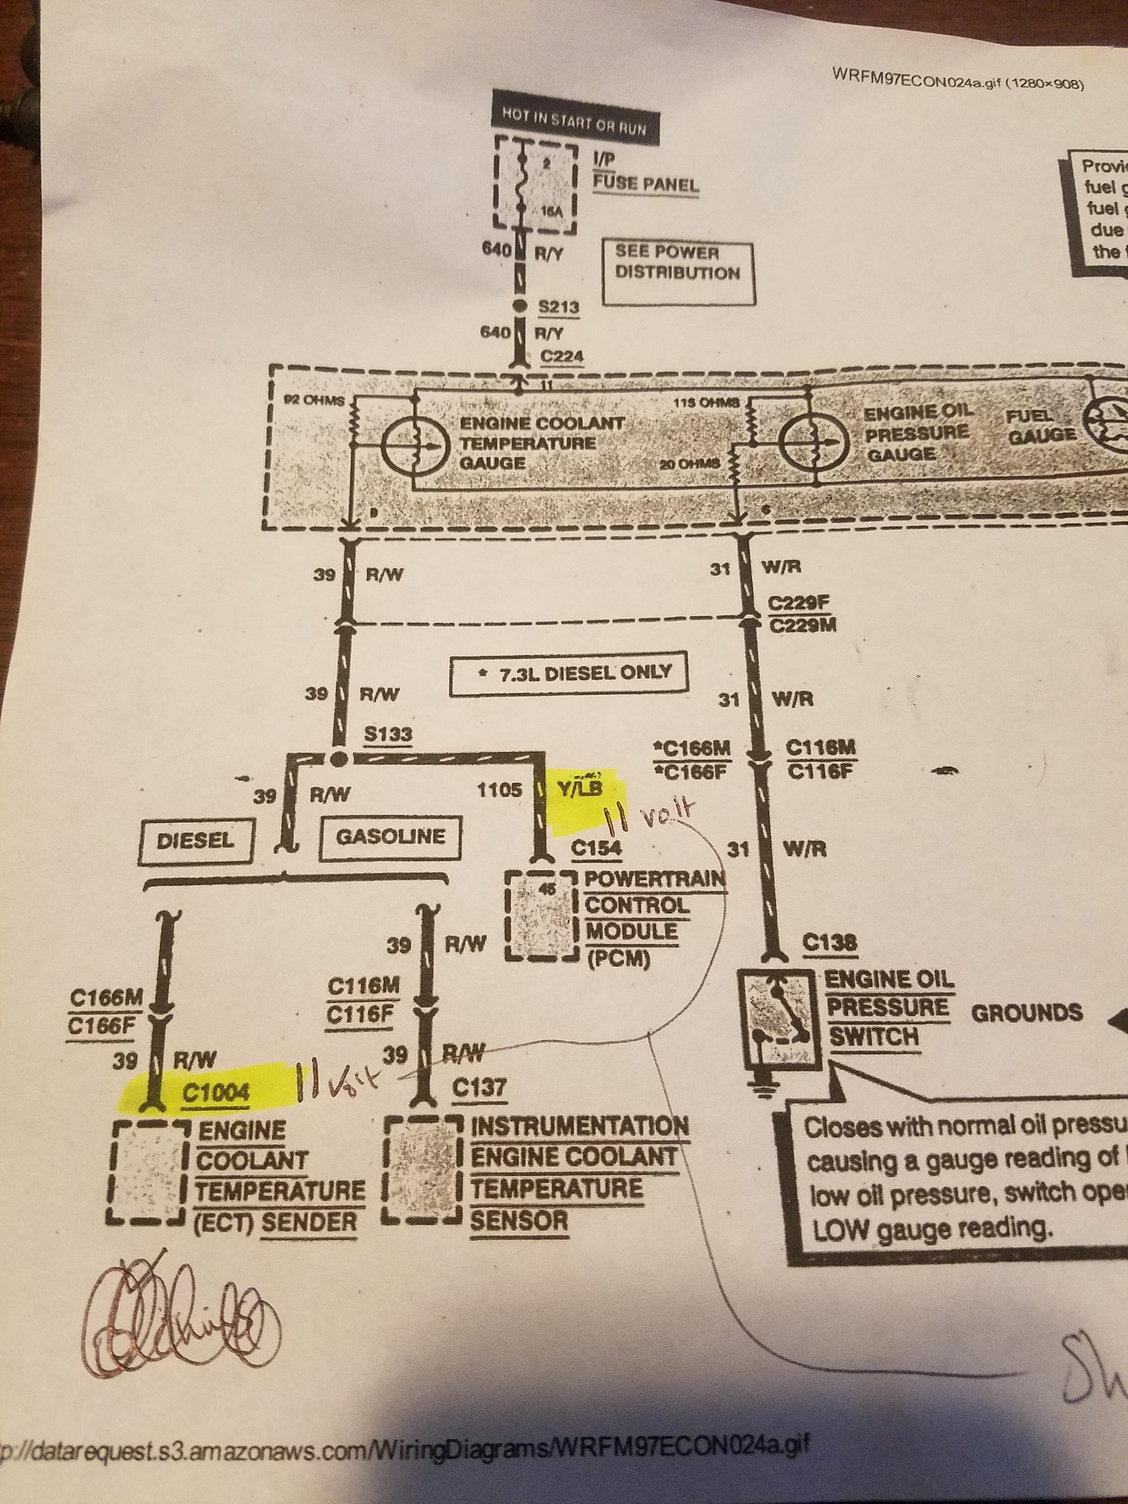 97 Pcm Diagram C154  U0026 Cts Voltage Issue